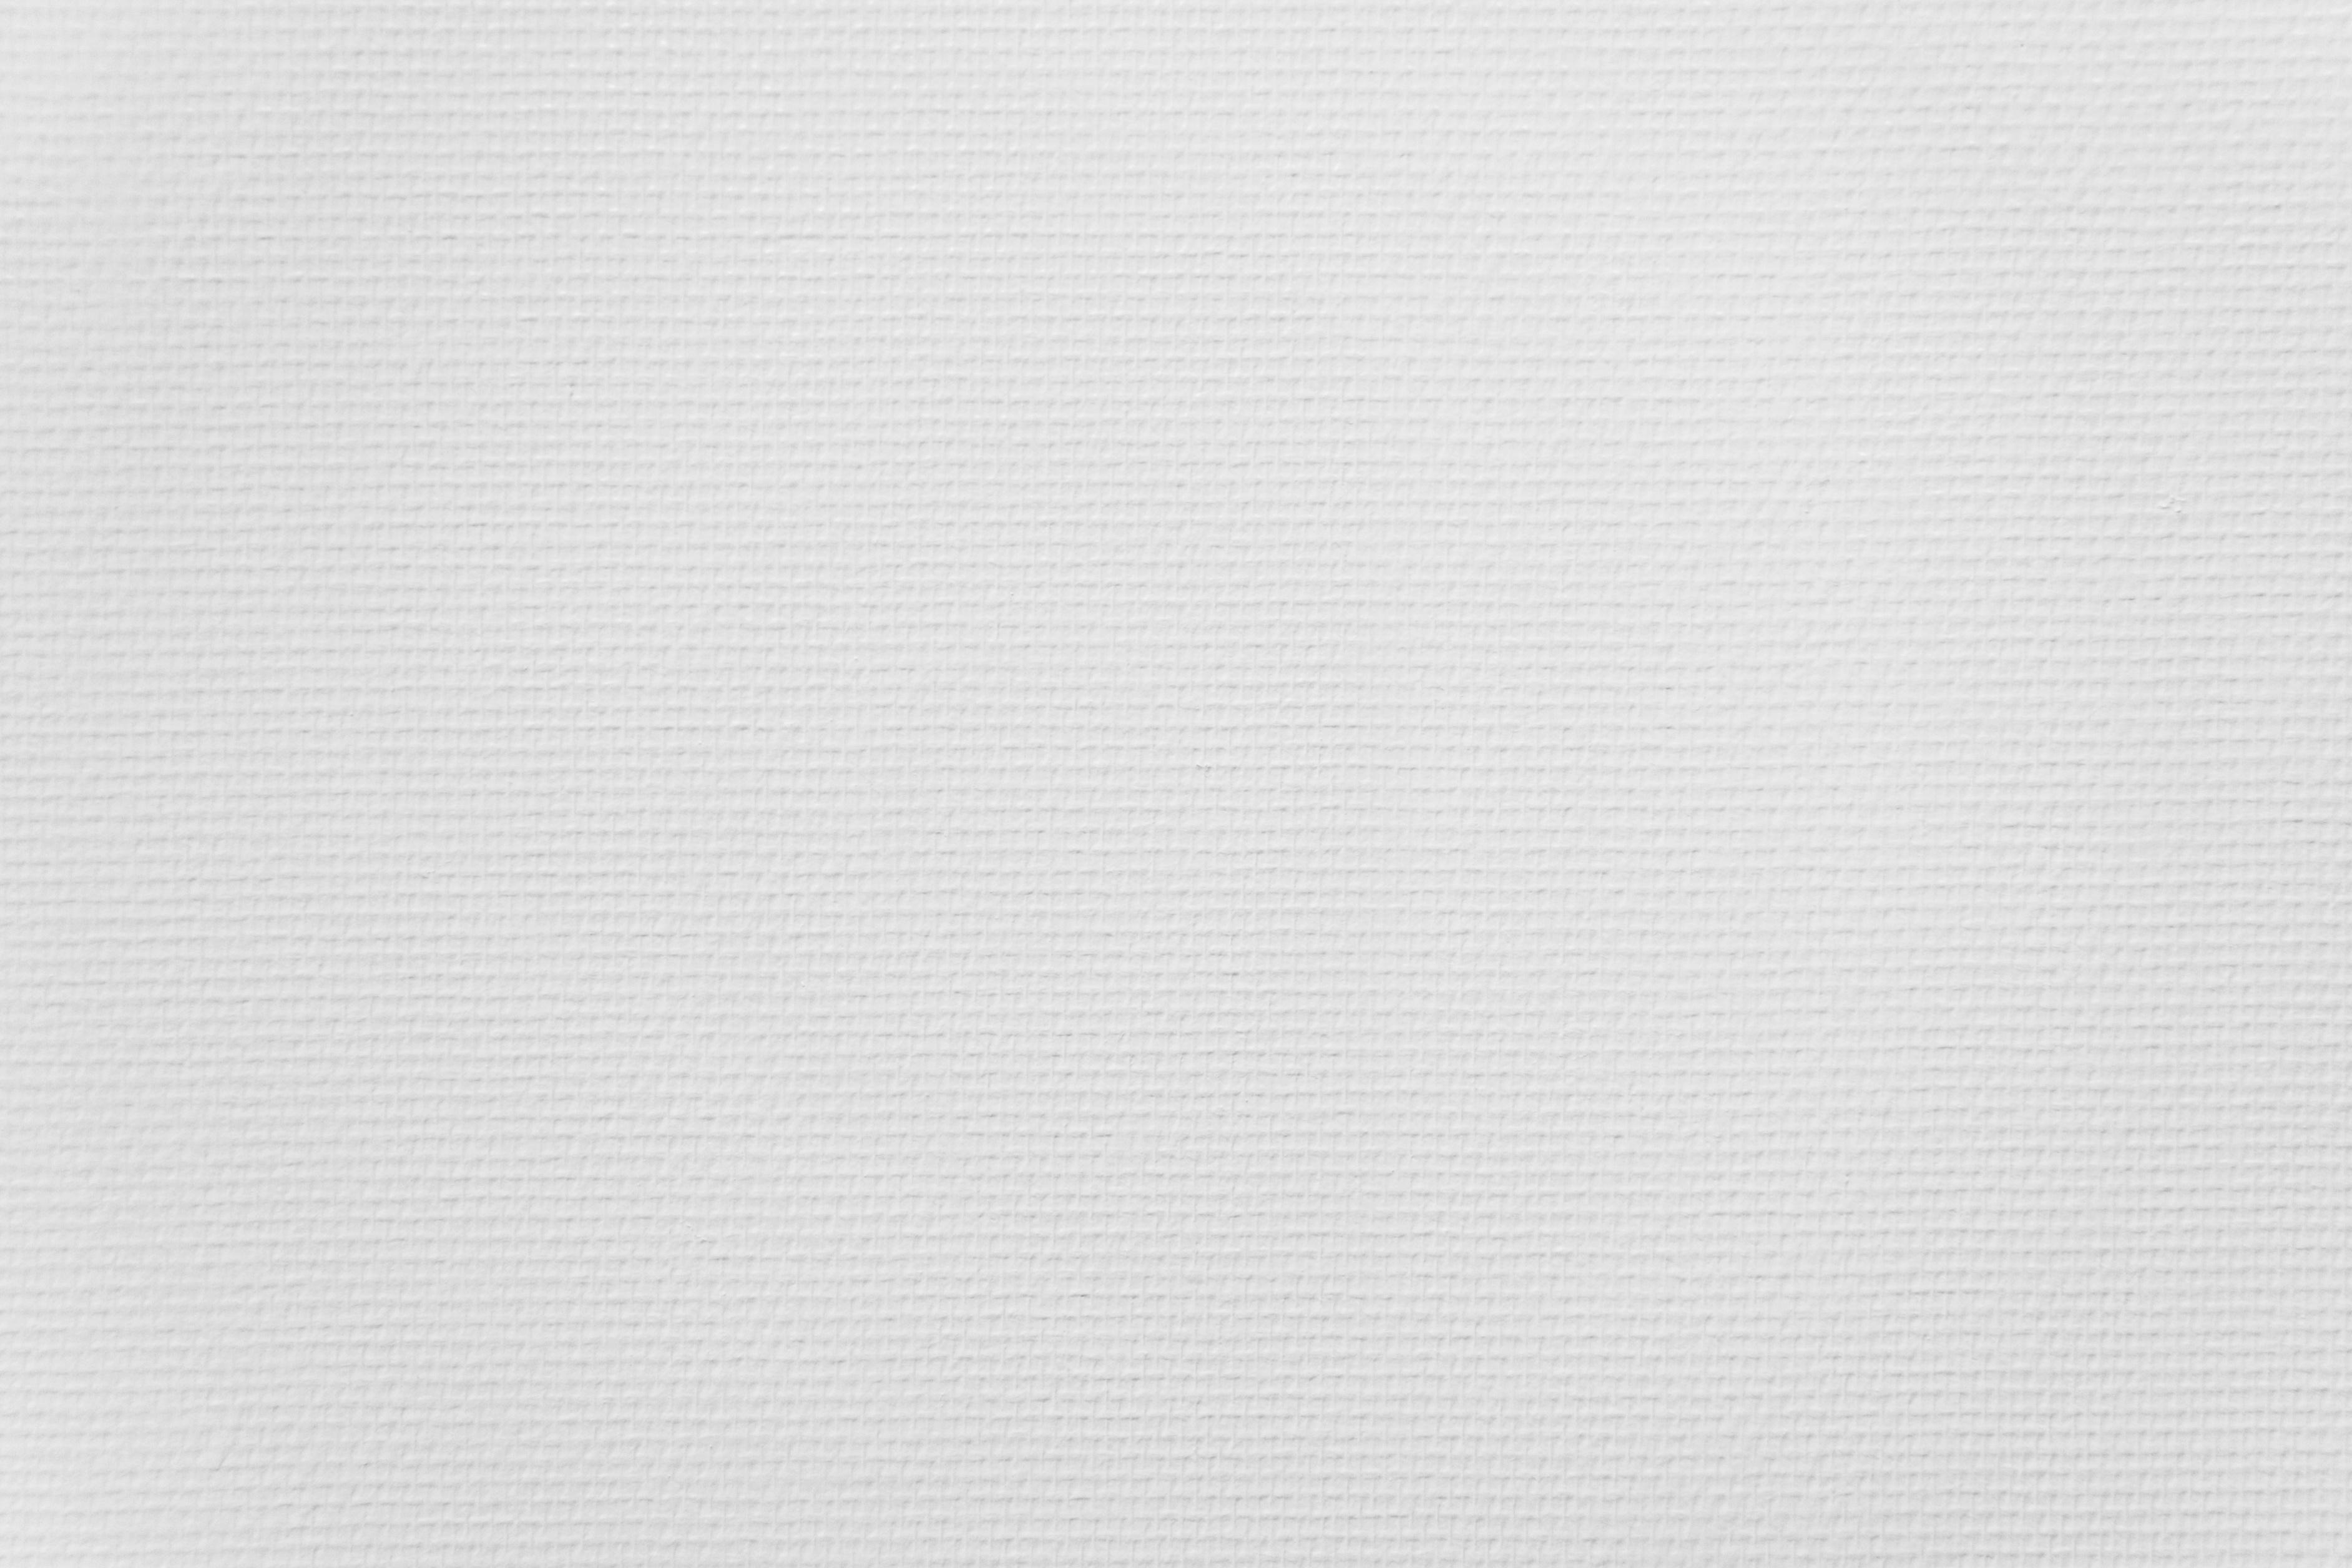 Een vrij nieuwe behangsoort is het glasvezelbehang. Deze behangsoort ...: ikknapmijnhuisop.nl/behangen/glasvezelbehang